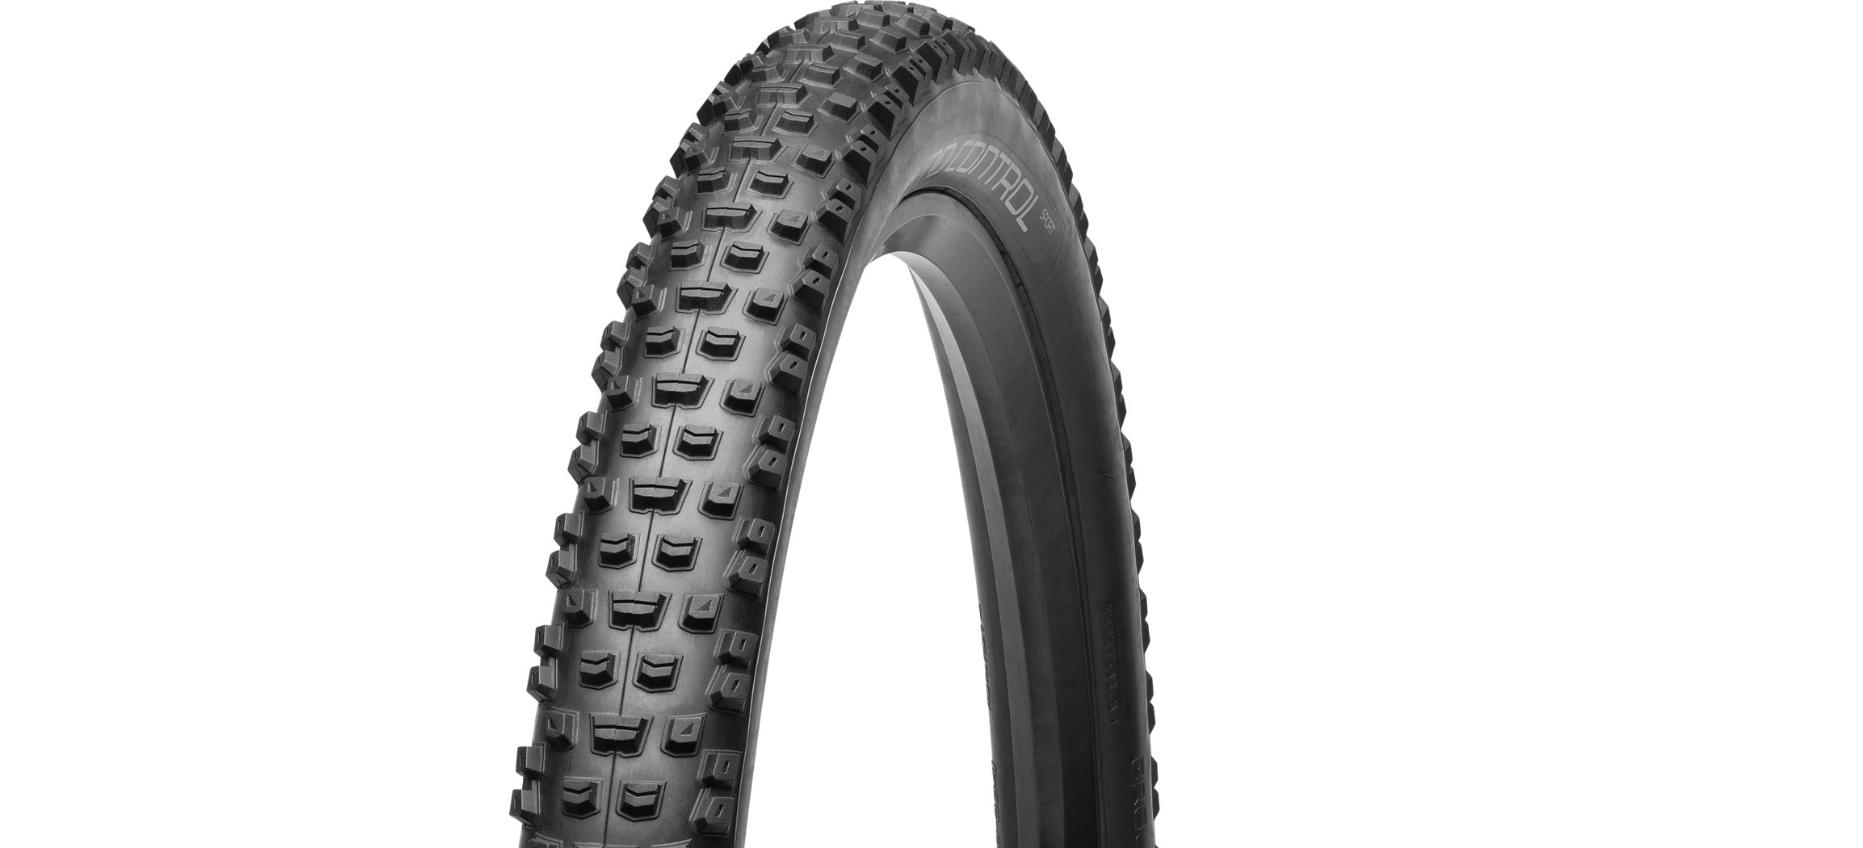 Specialized Specialized Ground Control Sport 26x2.1 Wire Bead Tire